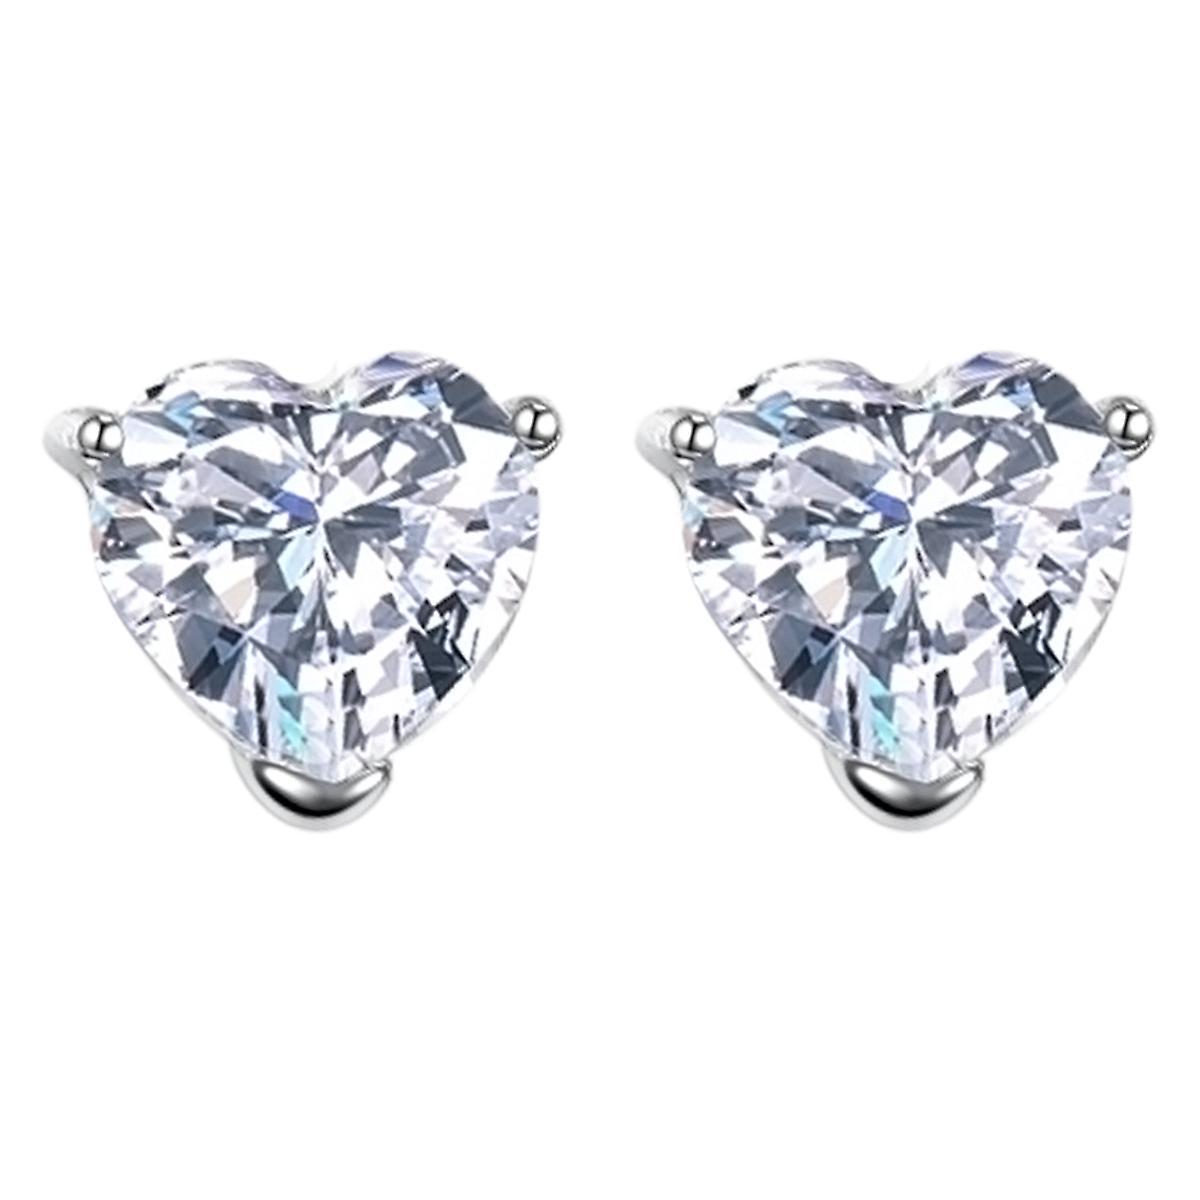 925 Sterling Silver Aaaaa Cubic Zirconia Heart Cut Stud Earrings